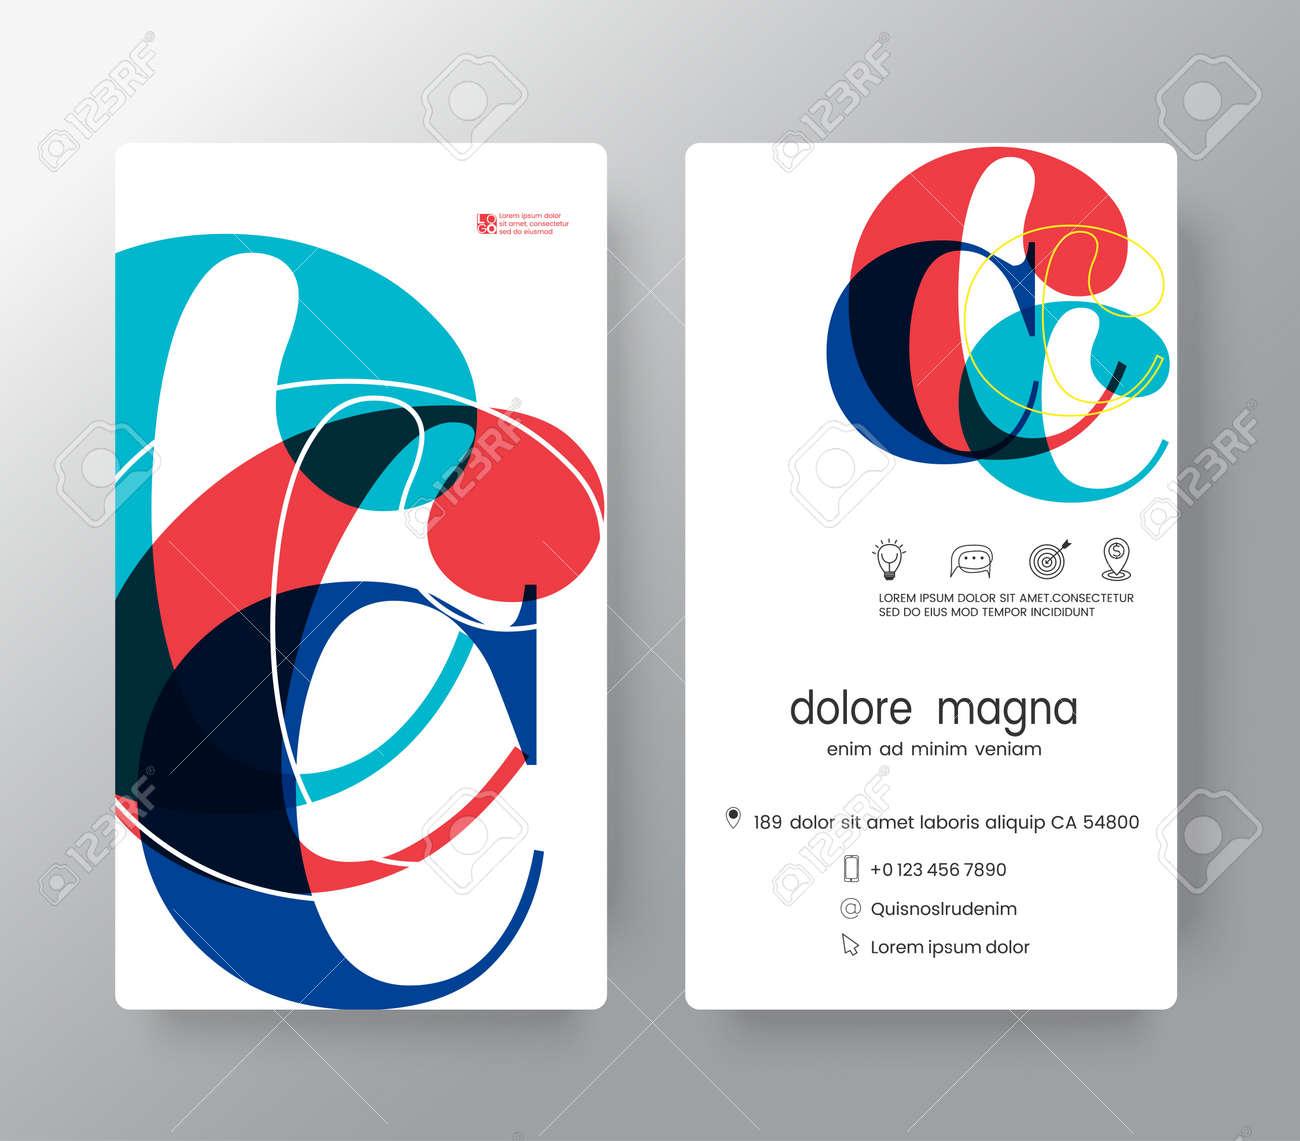 Letra C Plantilla De Diseño De Tarjeta De Visita. Elementos De ...